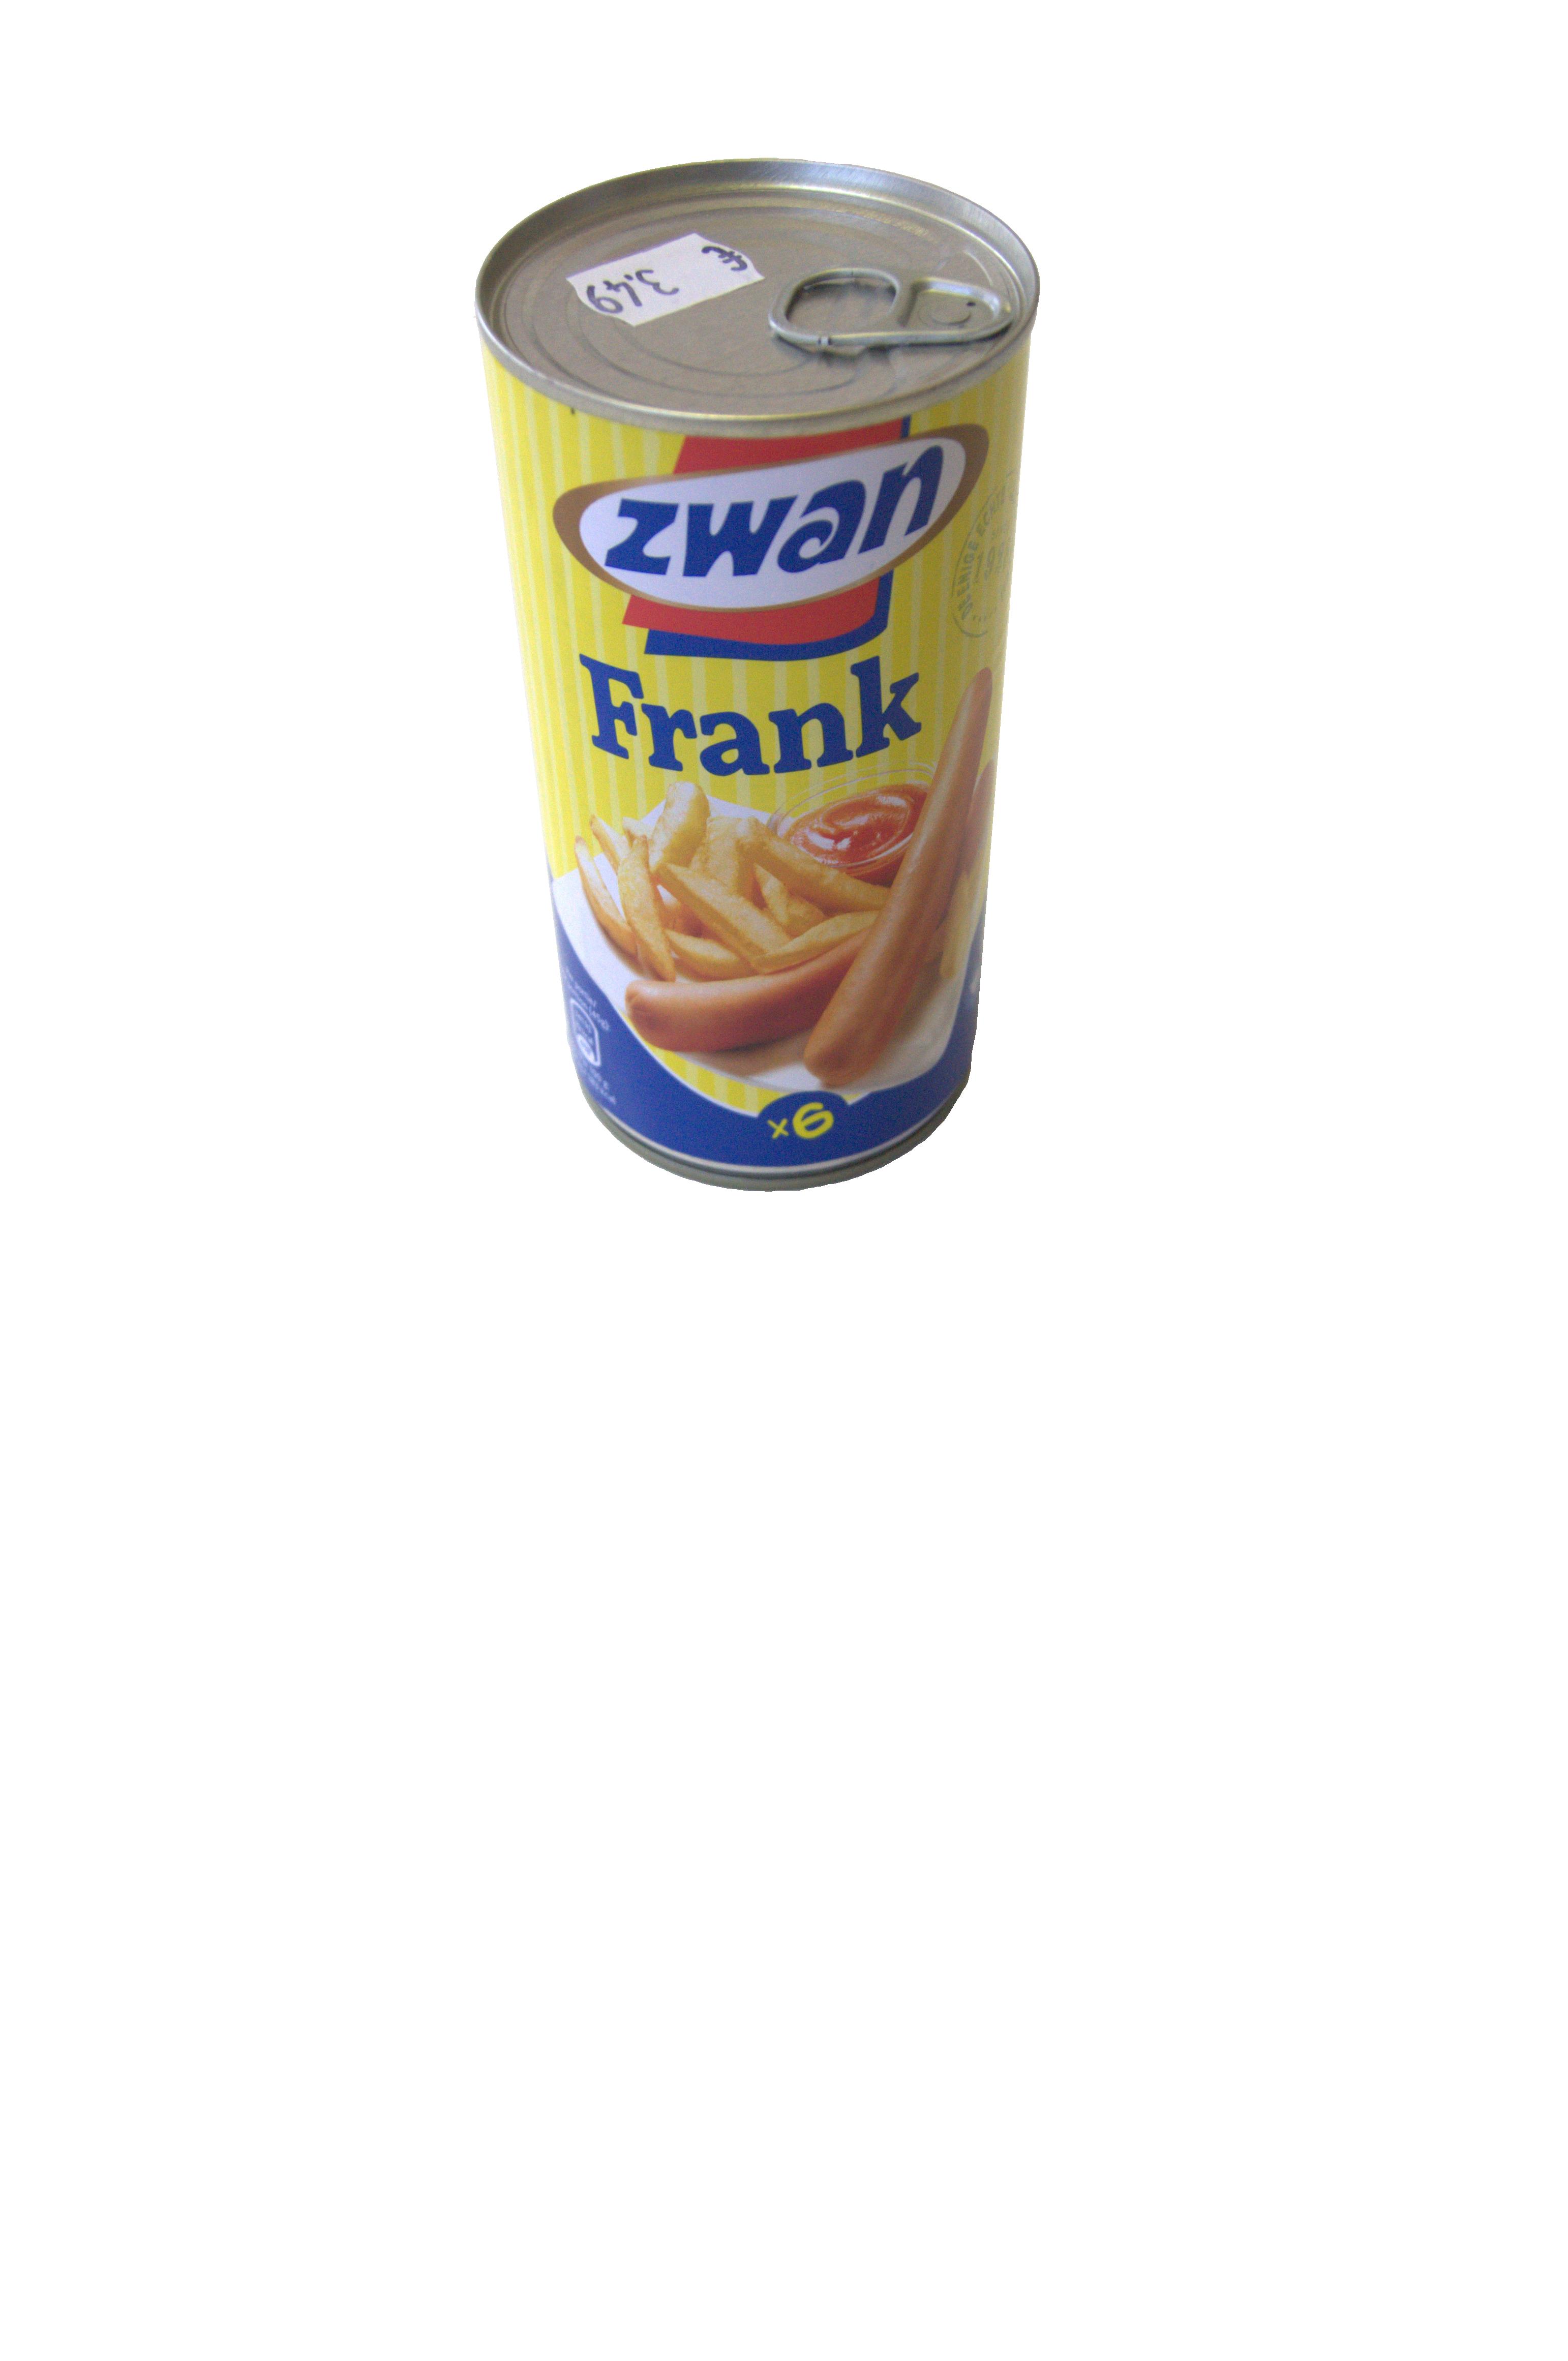 frankfurther worstjes Zwan 550g